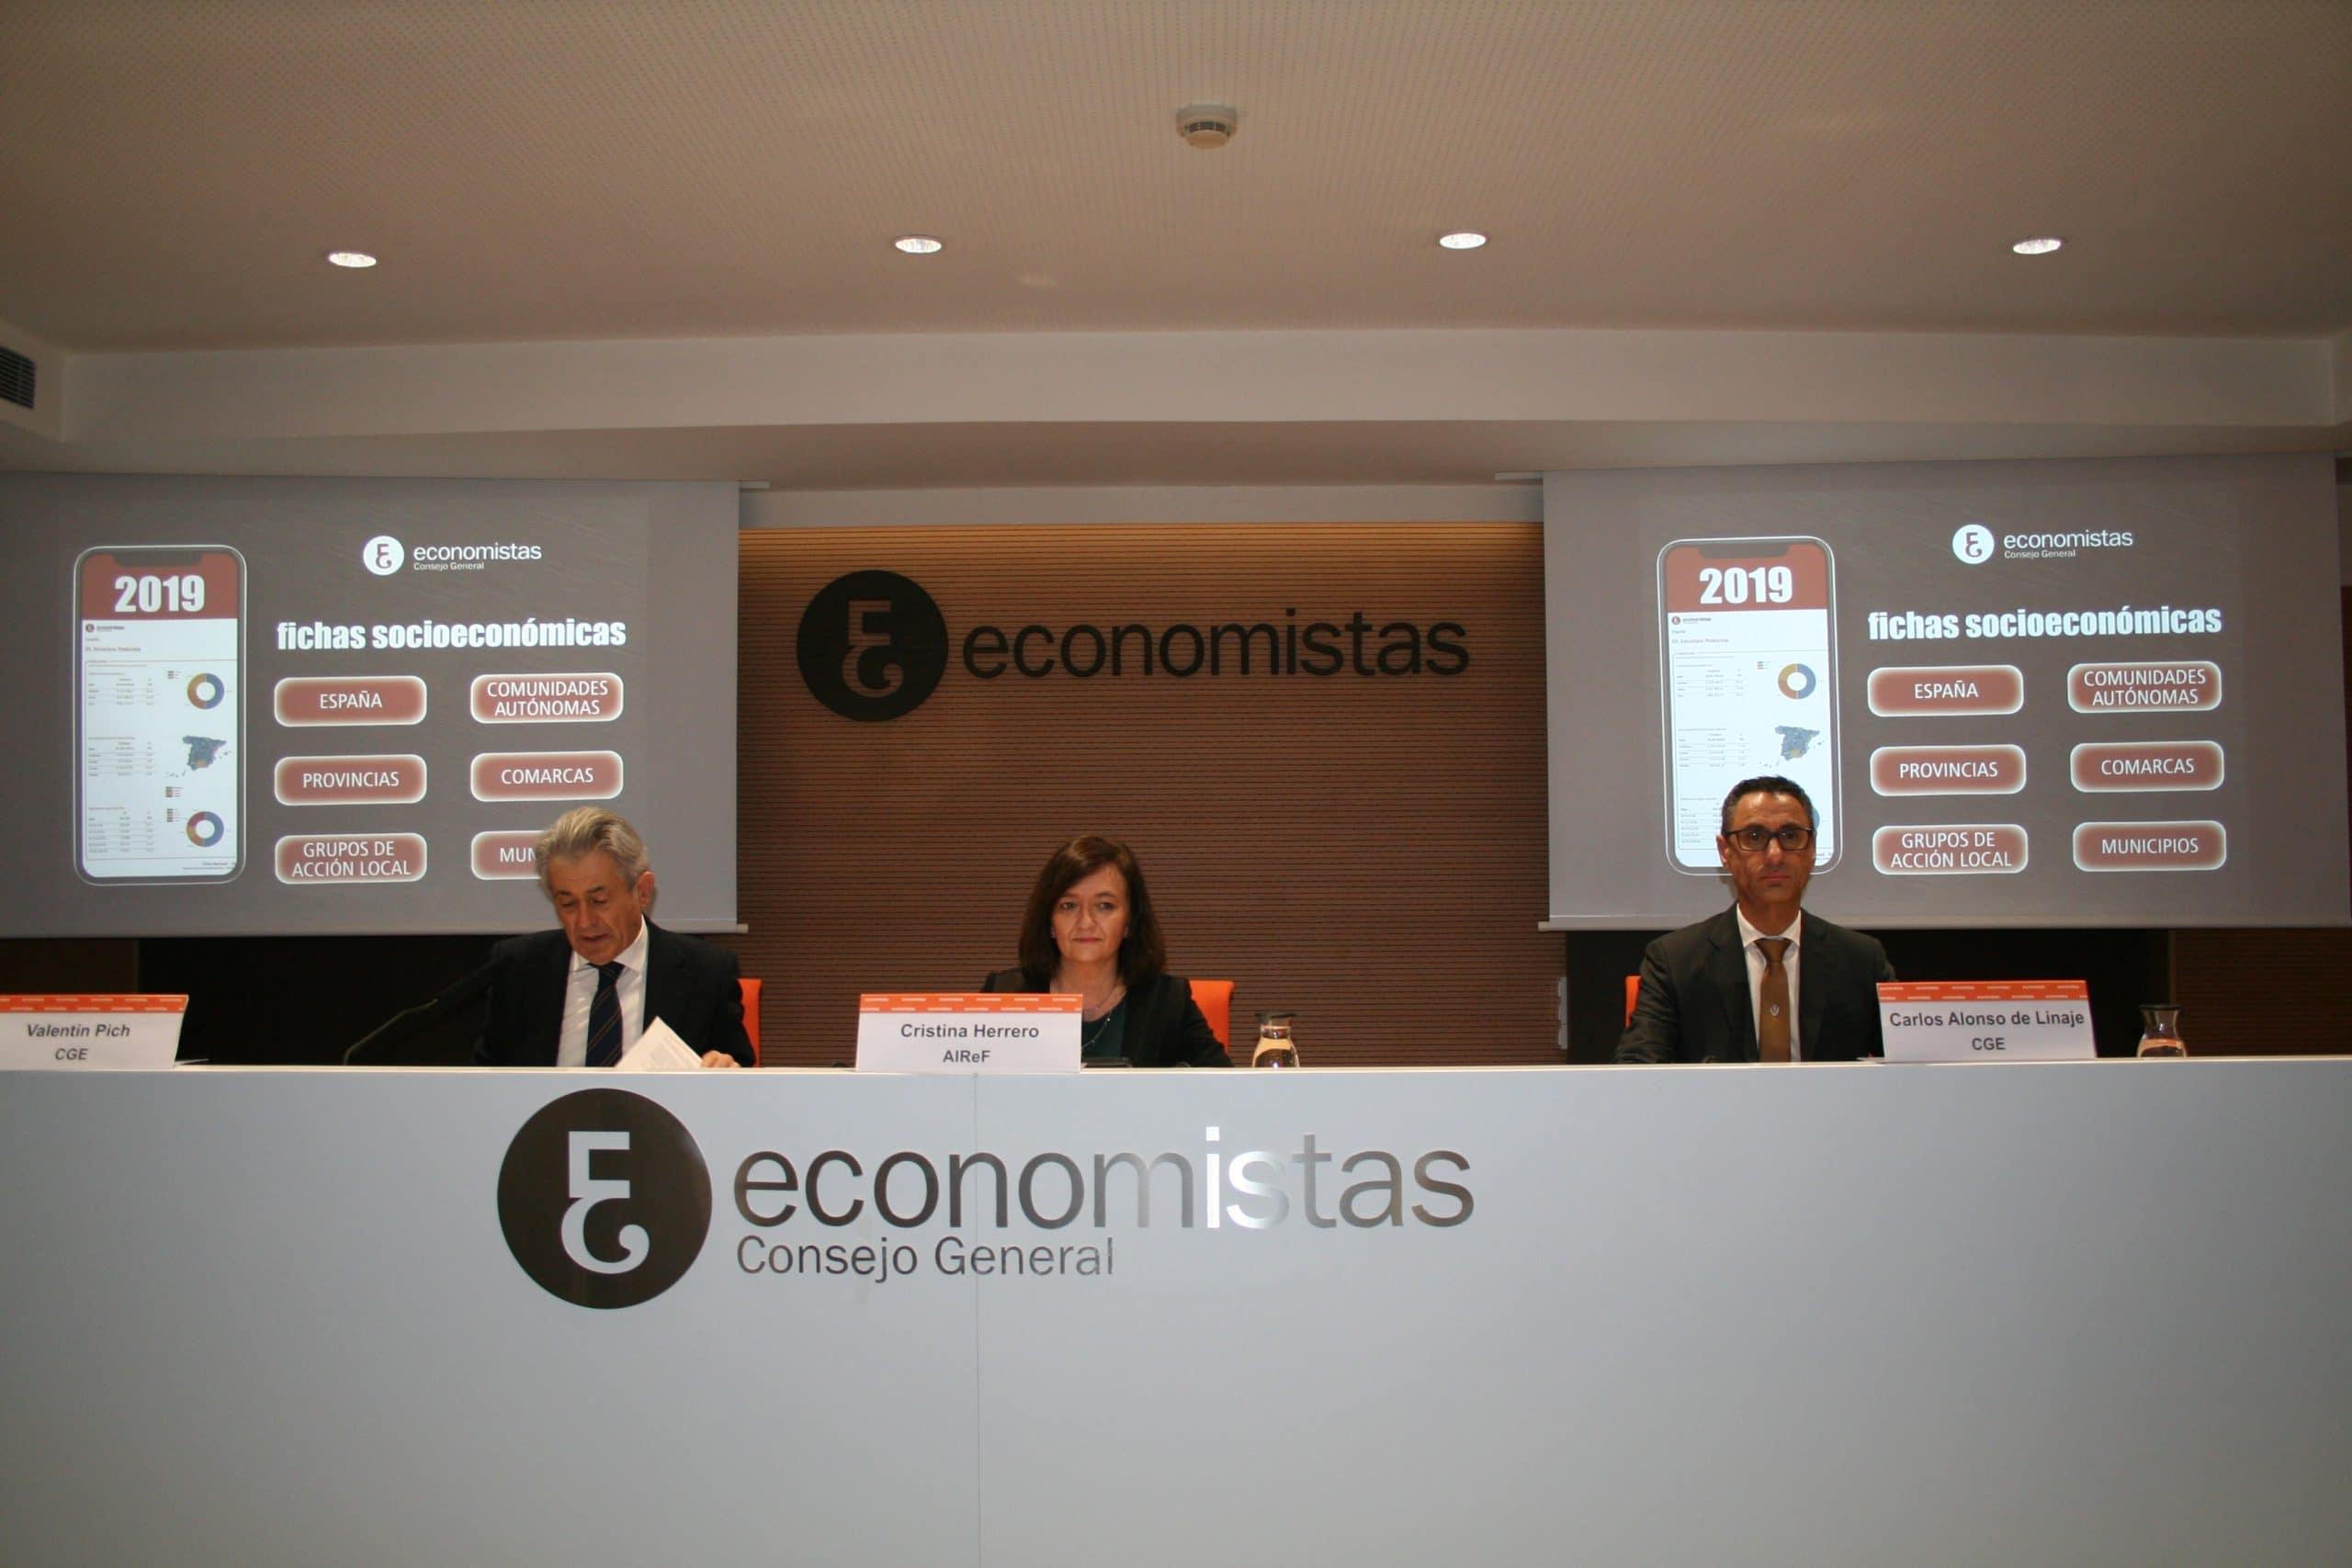 La presidenta de la AIReF, Cristina Herrero, en el Consejo de Economistas